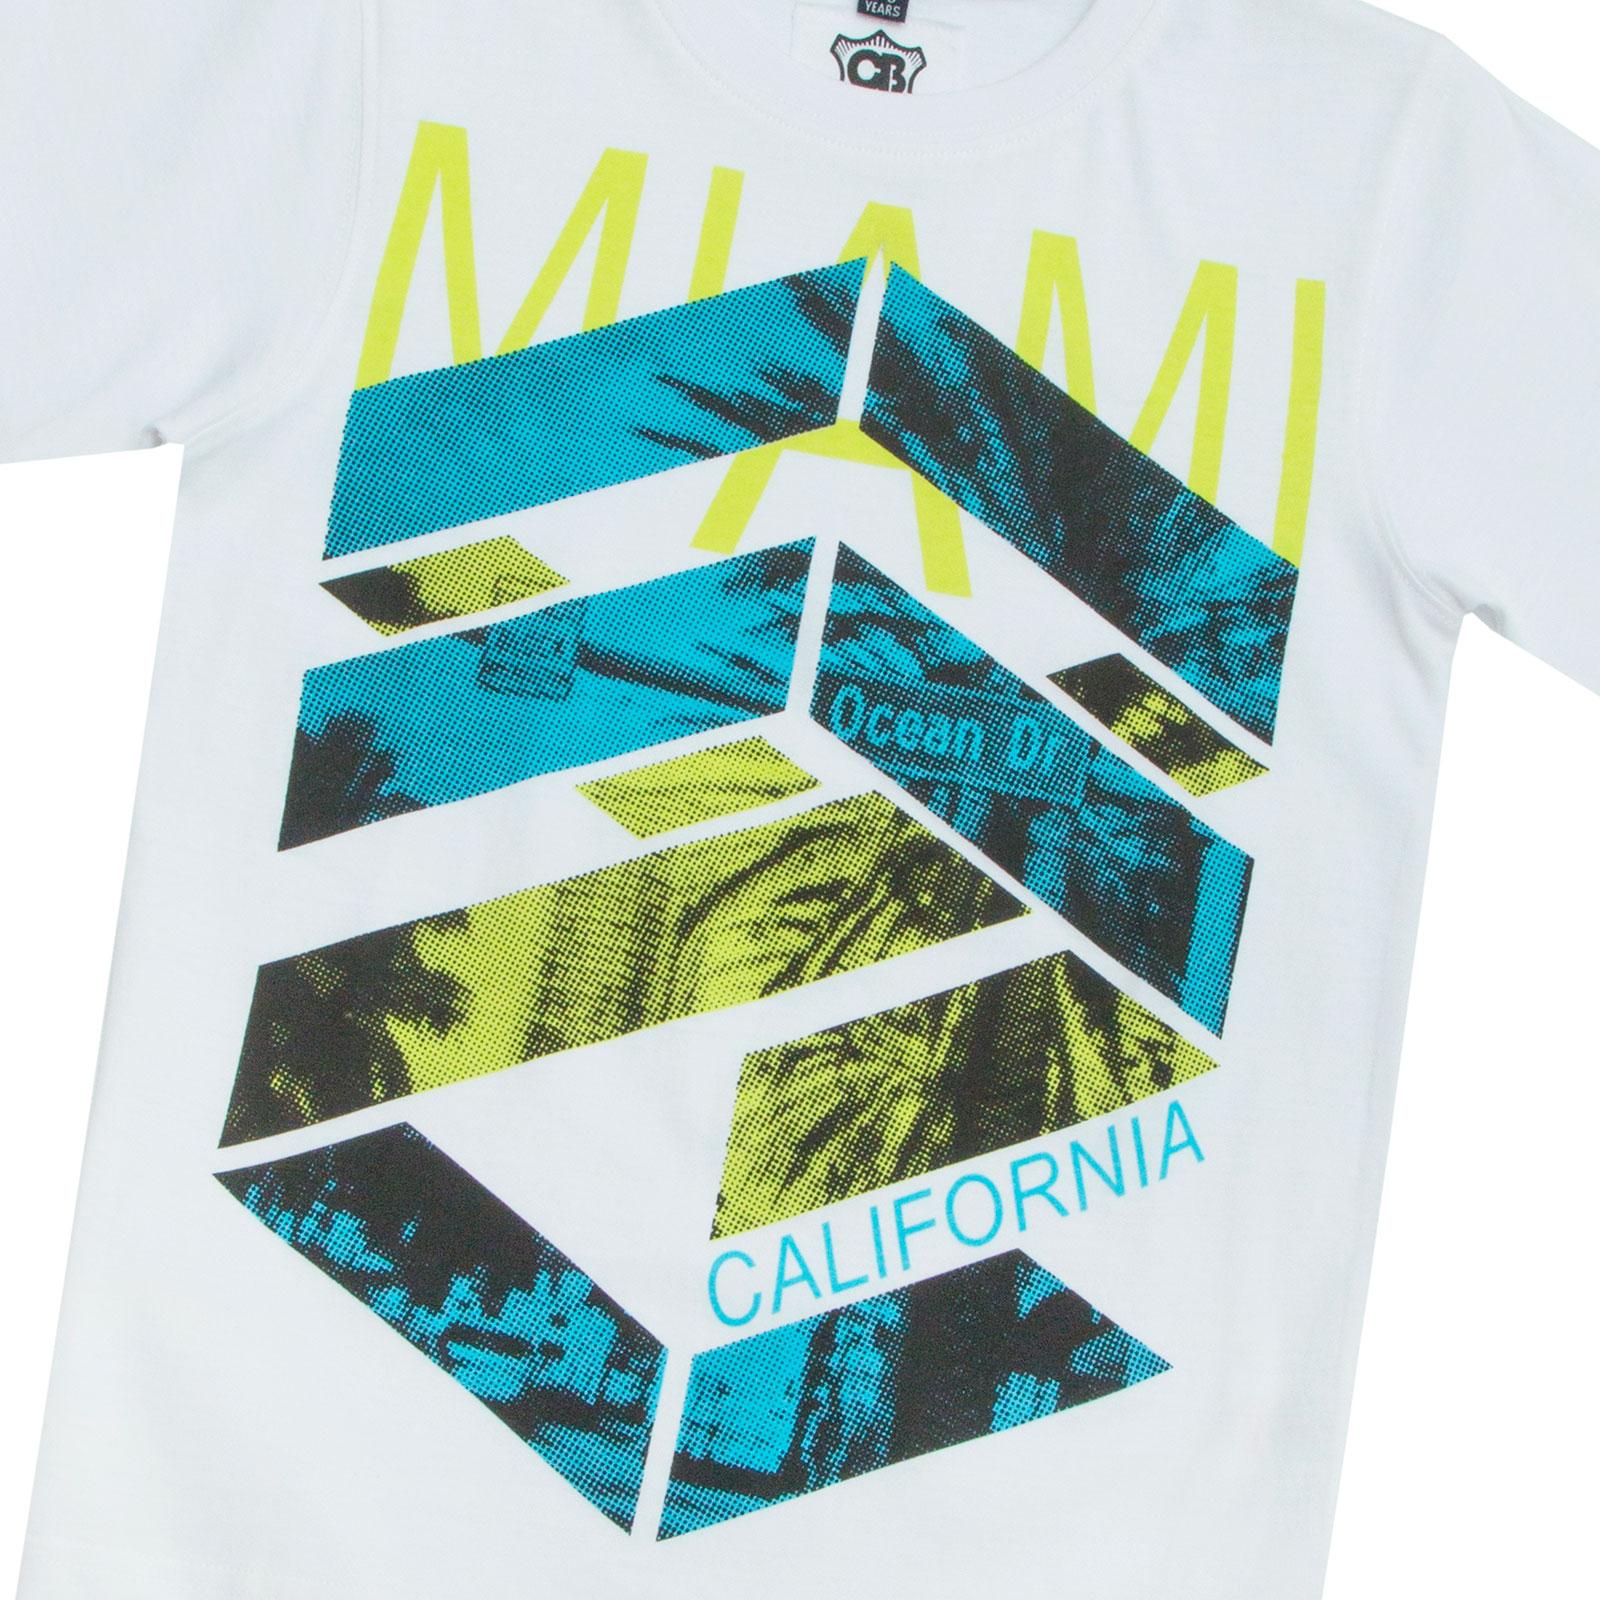 Garcons-Neuf-en-coton-T-shirt-a-encolure-ras-du-cou-d-039-ete-Enfant-Top-2-3-4-5-6-7-8-9-10-11-12-13 miniature 16